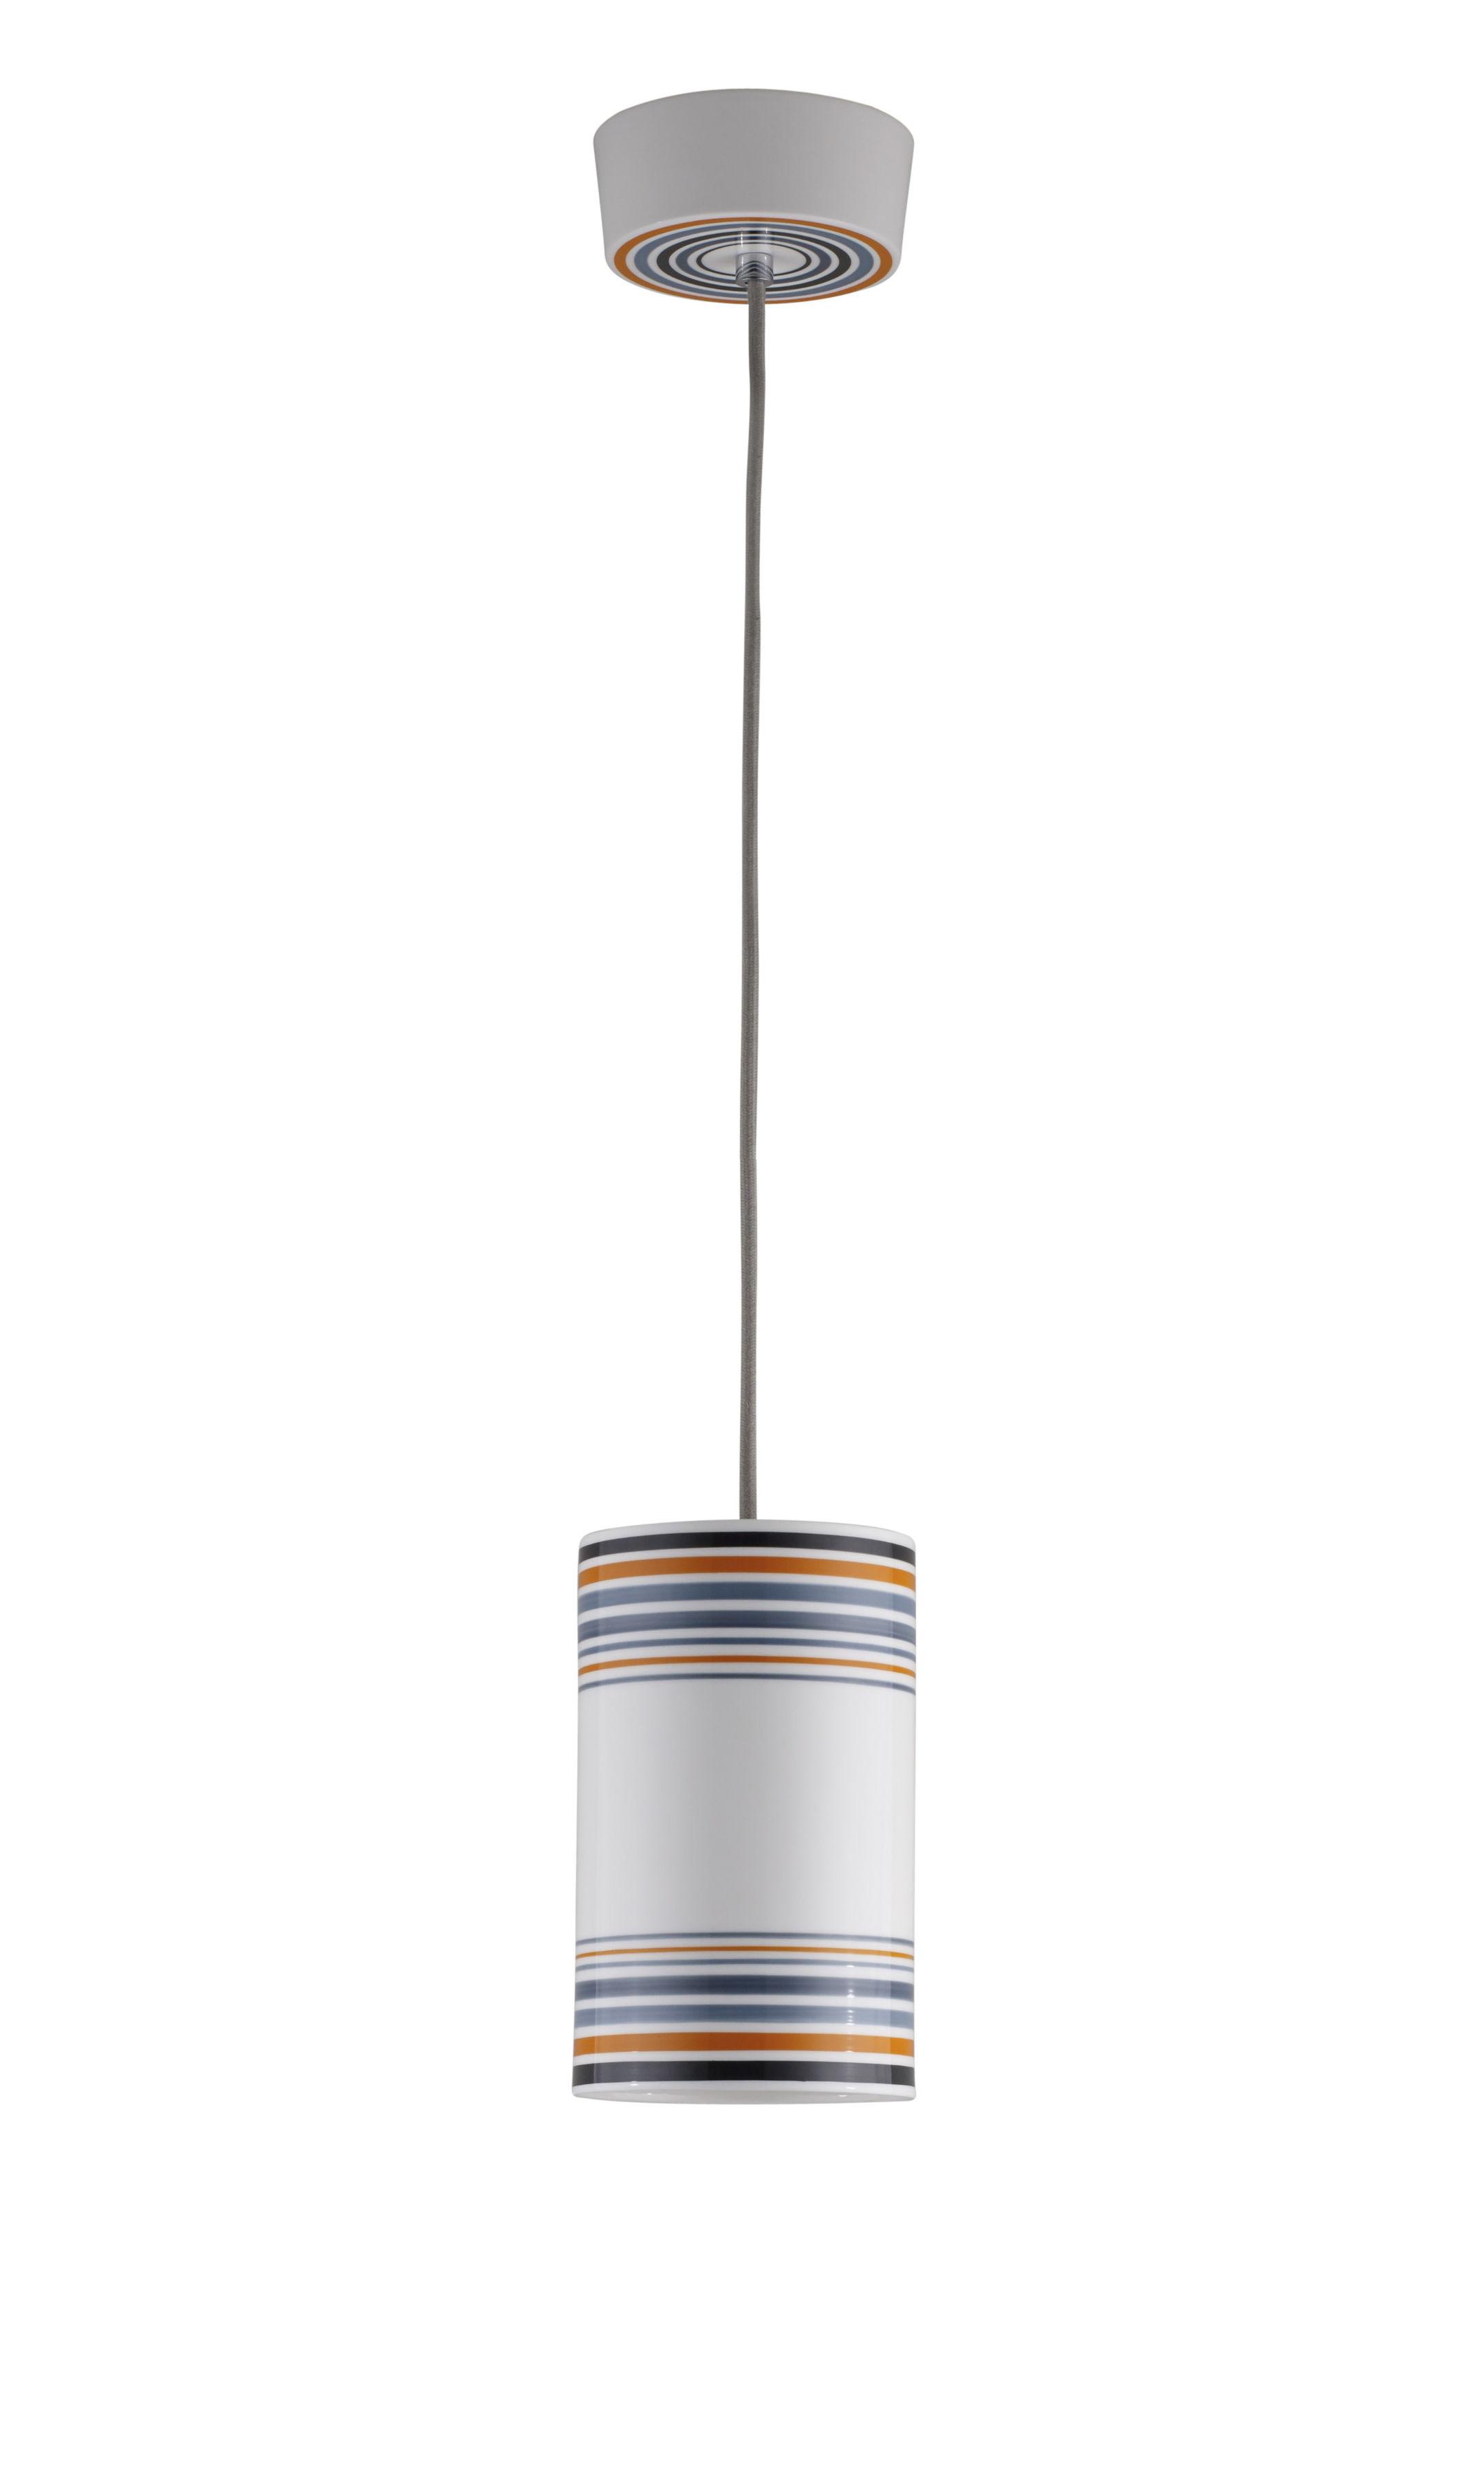 Leuchten - Pendelleuchten - May Pendelleuchte / handbemalt - Ø 12,5 cm x H 20 cm - Original BTC - Größe 2 / Streifen orange - Porzellan